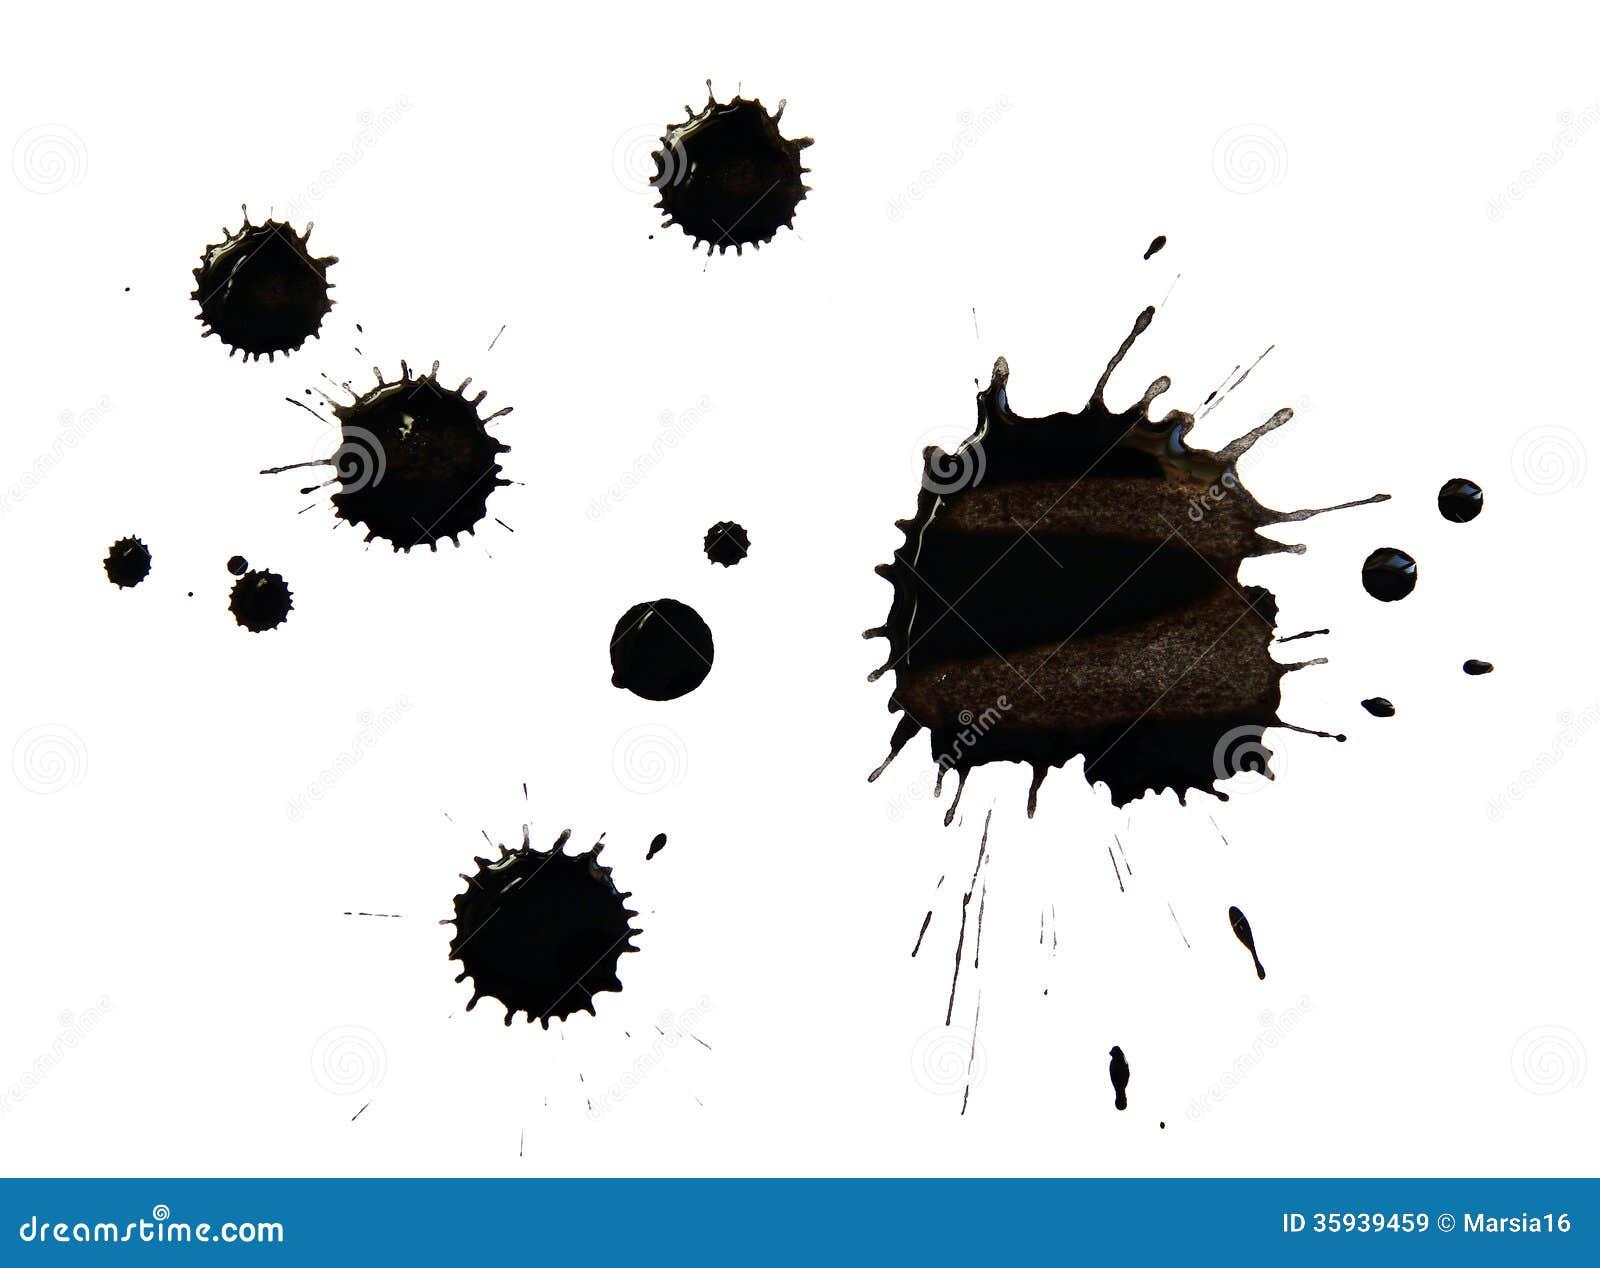 Blots of black ink